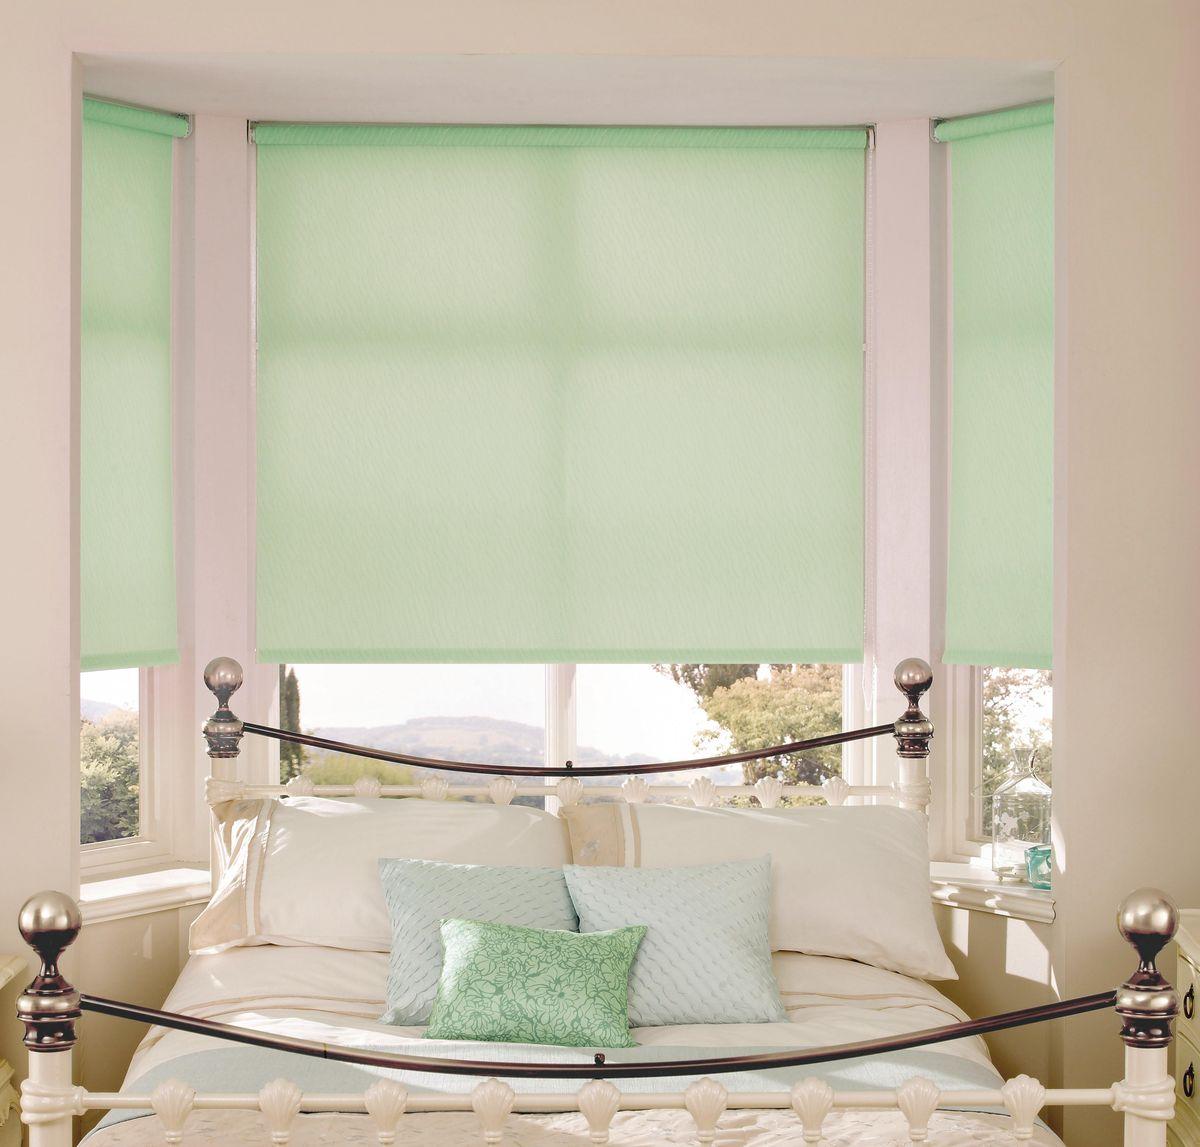 Штора рулонная Эскар, цвет: светло-зеленый, ширина 130 см, высота 170 см81017130170Рулонными шторами можно оформлять окна как самостоятельно, так и использовать в комбинации с портьерами. Это поможет предотвратить выгорание дорогой ткани на солнце и соединит функционал рулонных с красотой навесных. Преимущества применения рулонных штор для пластиковых окон: - имеют прекрасный внешний вид: многообразие и фактурность материала изделия отлично смотрятся в любом интерьере; - многофункциональны: есть возможность подобрать шторы способные эффективно защитить комнату от солнца, при этом о на не будет слишком темной. - Есть возможность осуществить быстрый монтаж. ВНИМАНИЕ! Размеры ширины изделия указаны по ширине ткани! Во время эксплуатации не рекомендуется полностью разматывать рулон, чтобы не оторвать ткань от намоточного вала. В случае загрязнения поверхности ткани, чистку шторы проводят одним из способов, в зависимости от типа загрязнения: легкое поверхностное загрязнение можно удалить при помощи...